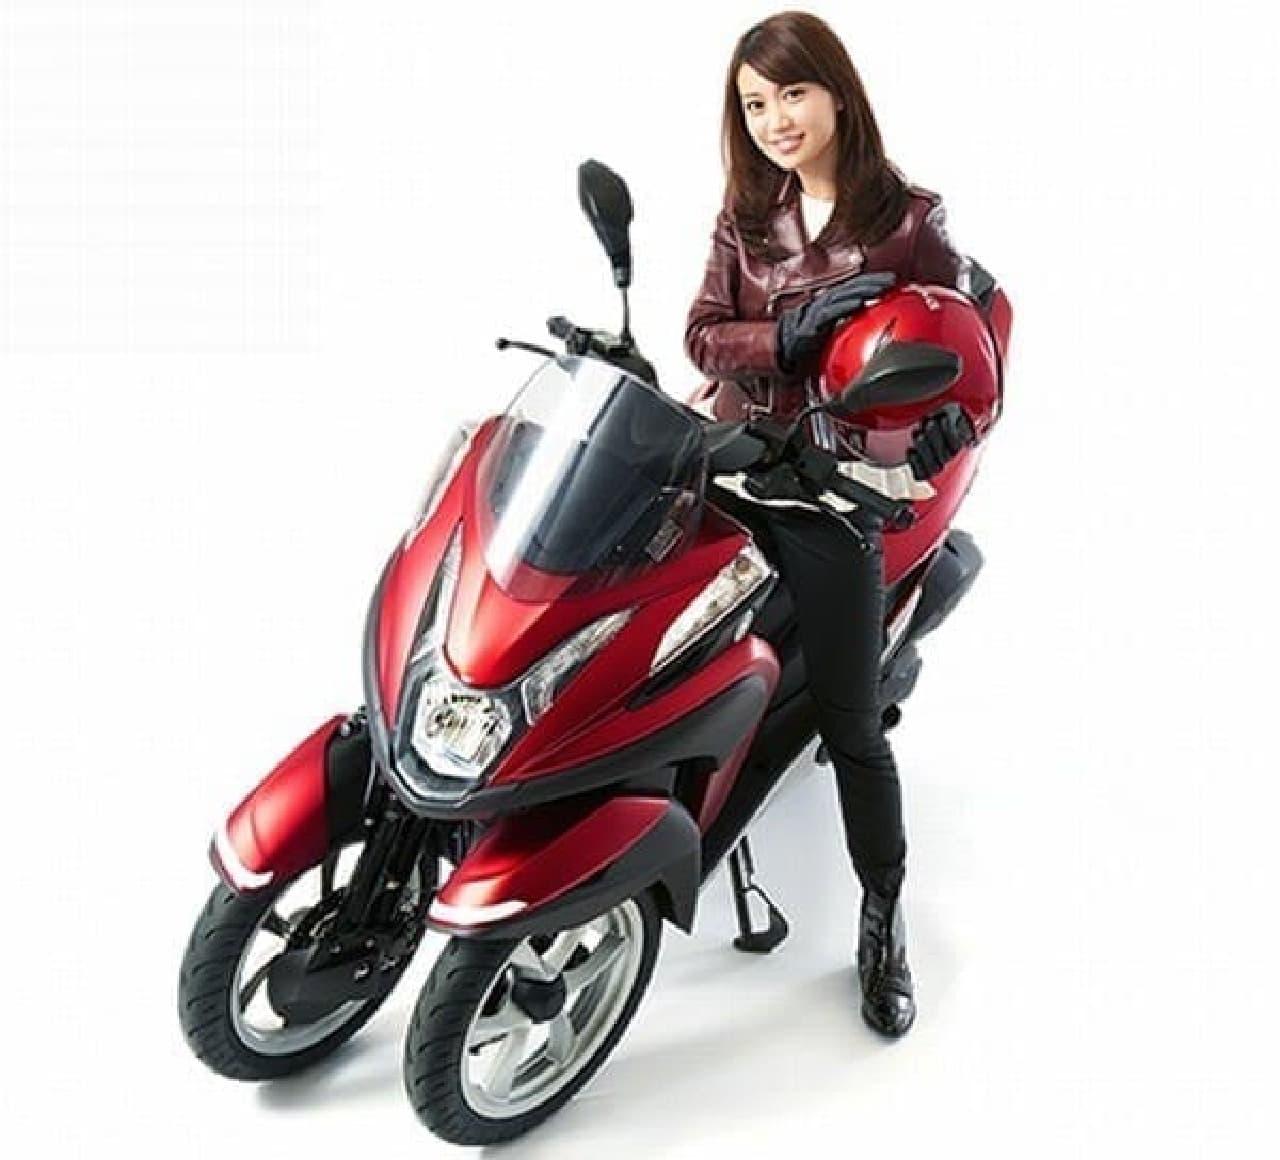 自転車版TRICITY ヤマハ「05GEN」を六本木ヒルズで見られる!…合同デザイン展「Two Yamahas, One Passion~デザイン展2016~」開催